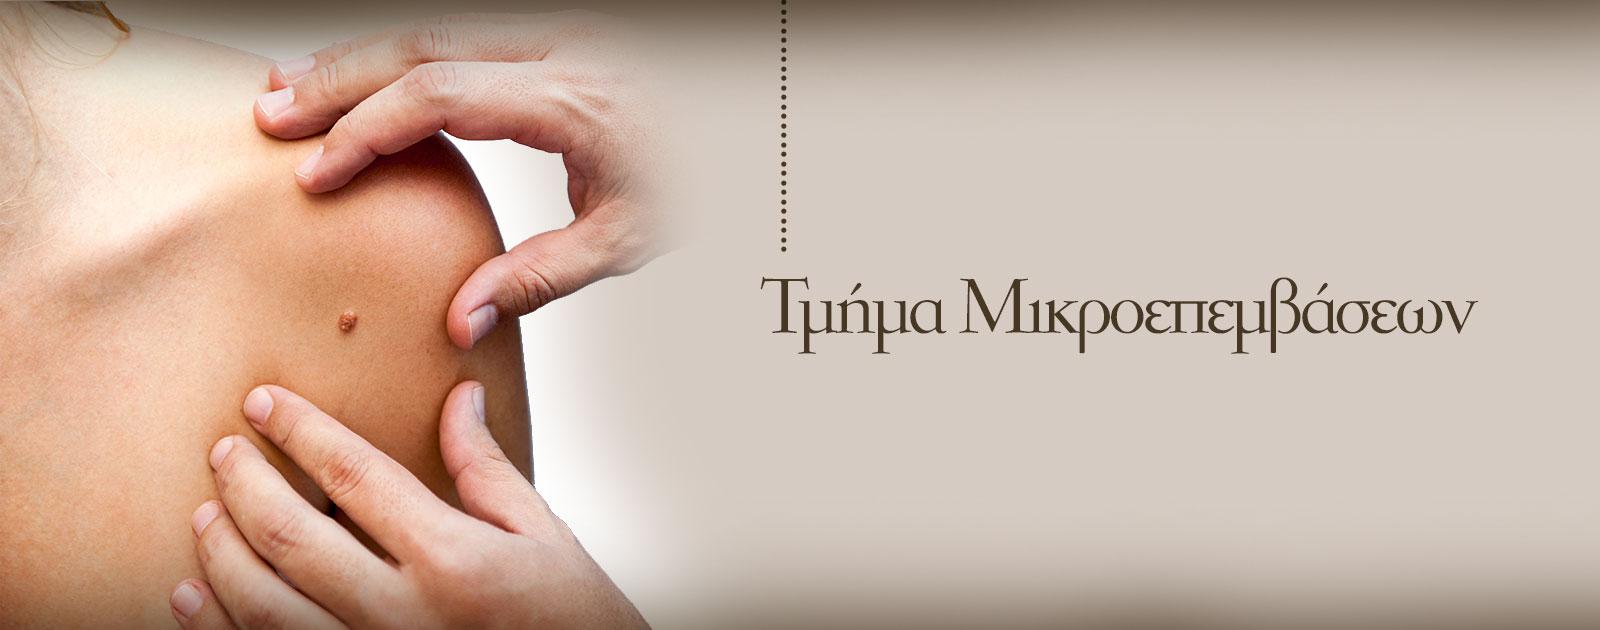 τμημα μικροεπεμβασεων - πλαστικος χειρουργος ιωαννινα